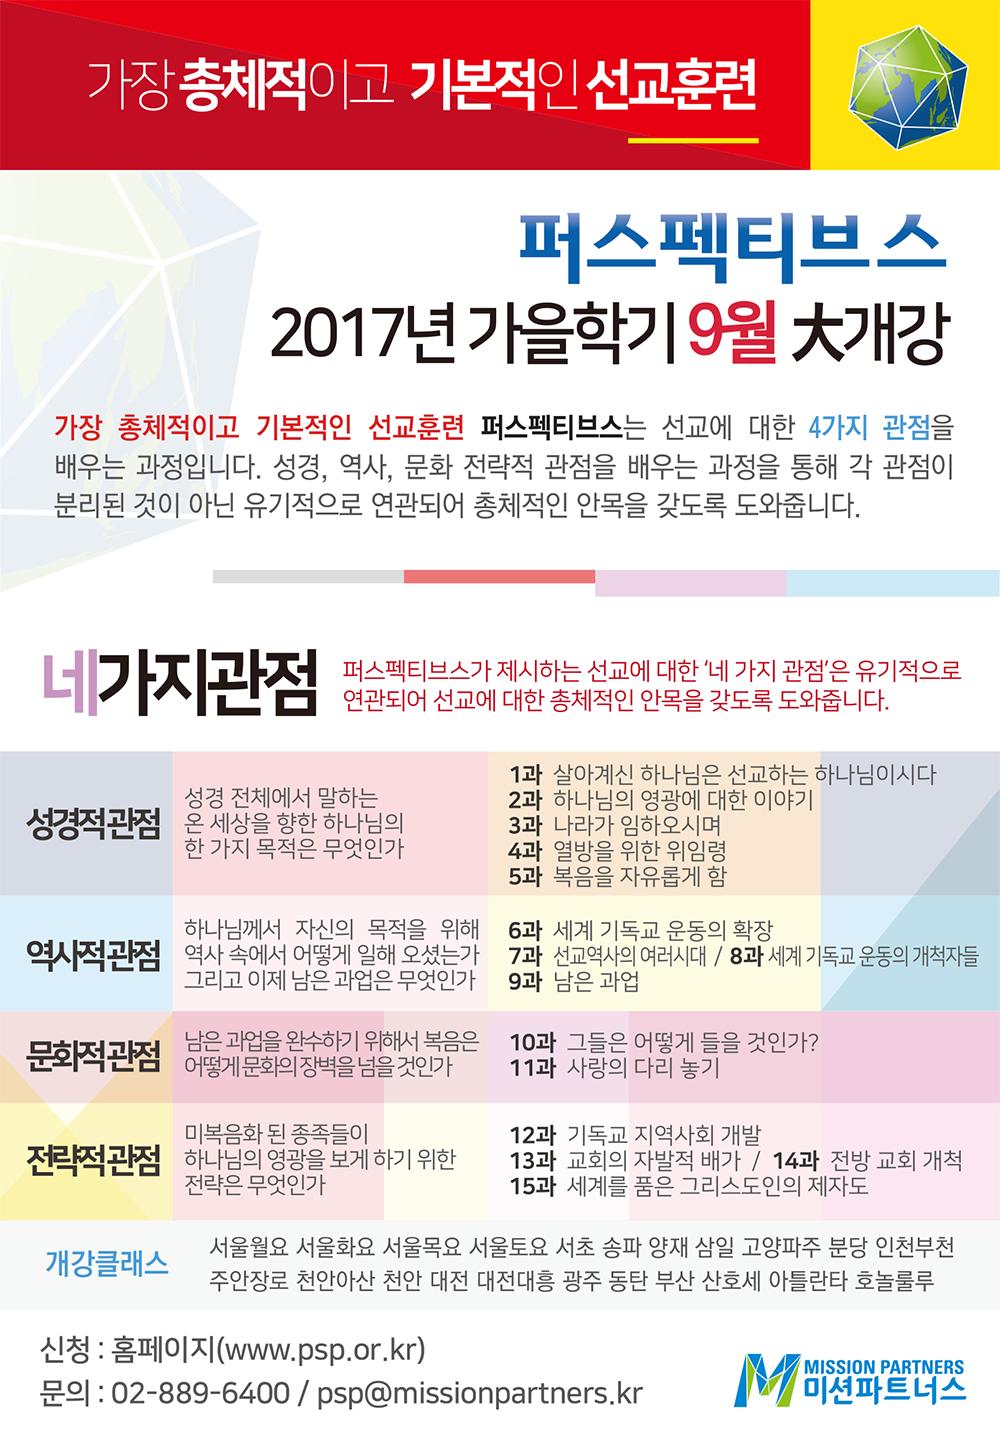 2017 가을학기 대외홍보물.png